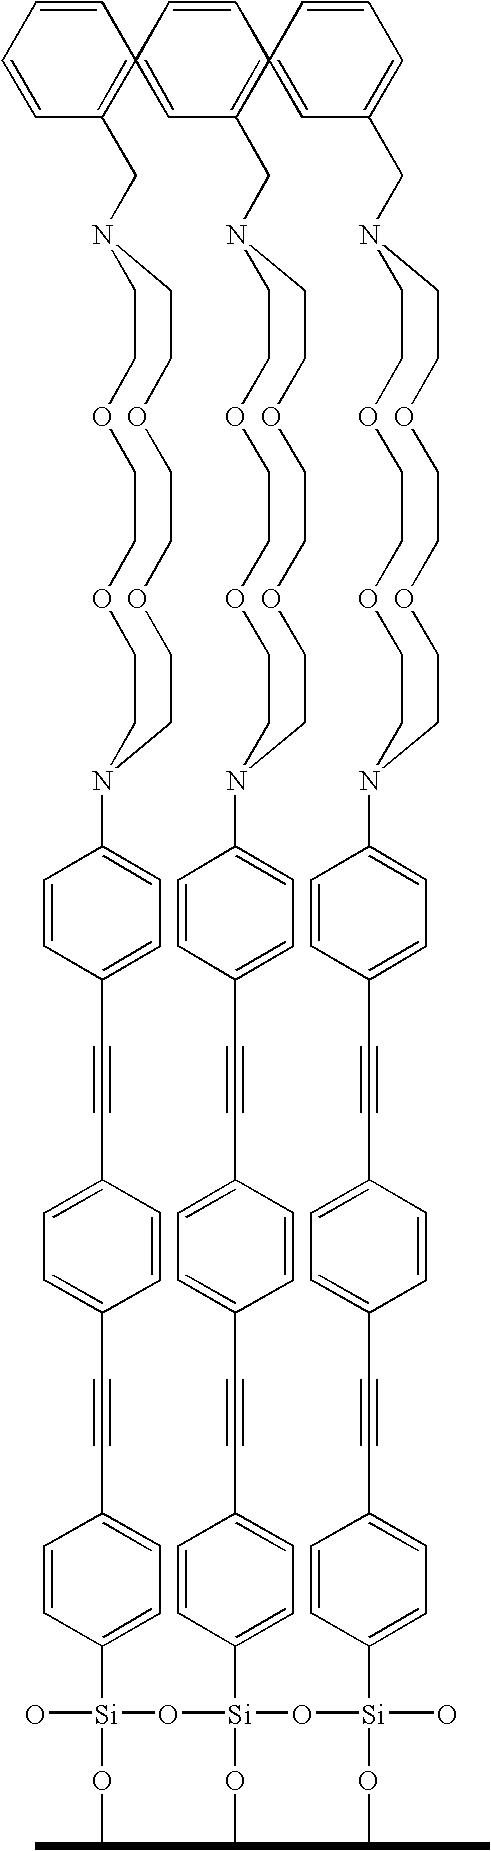 Figure US20050202273A1-20050915-C00014